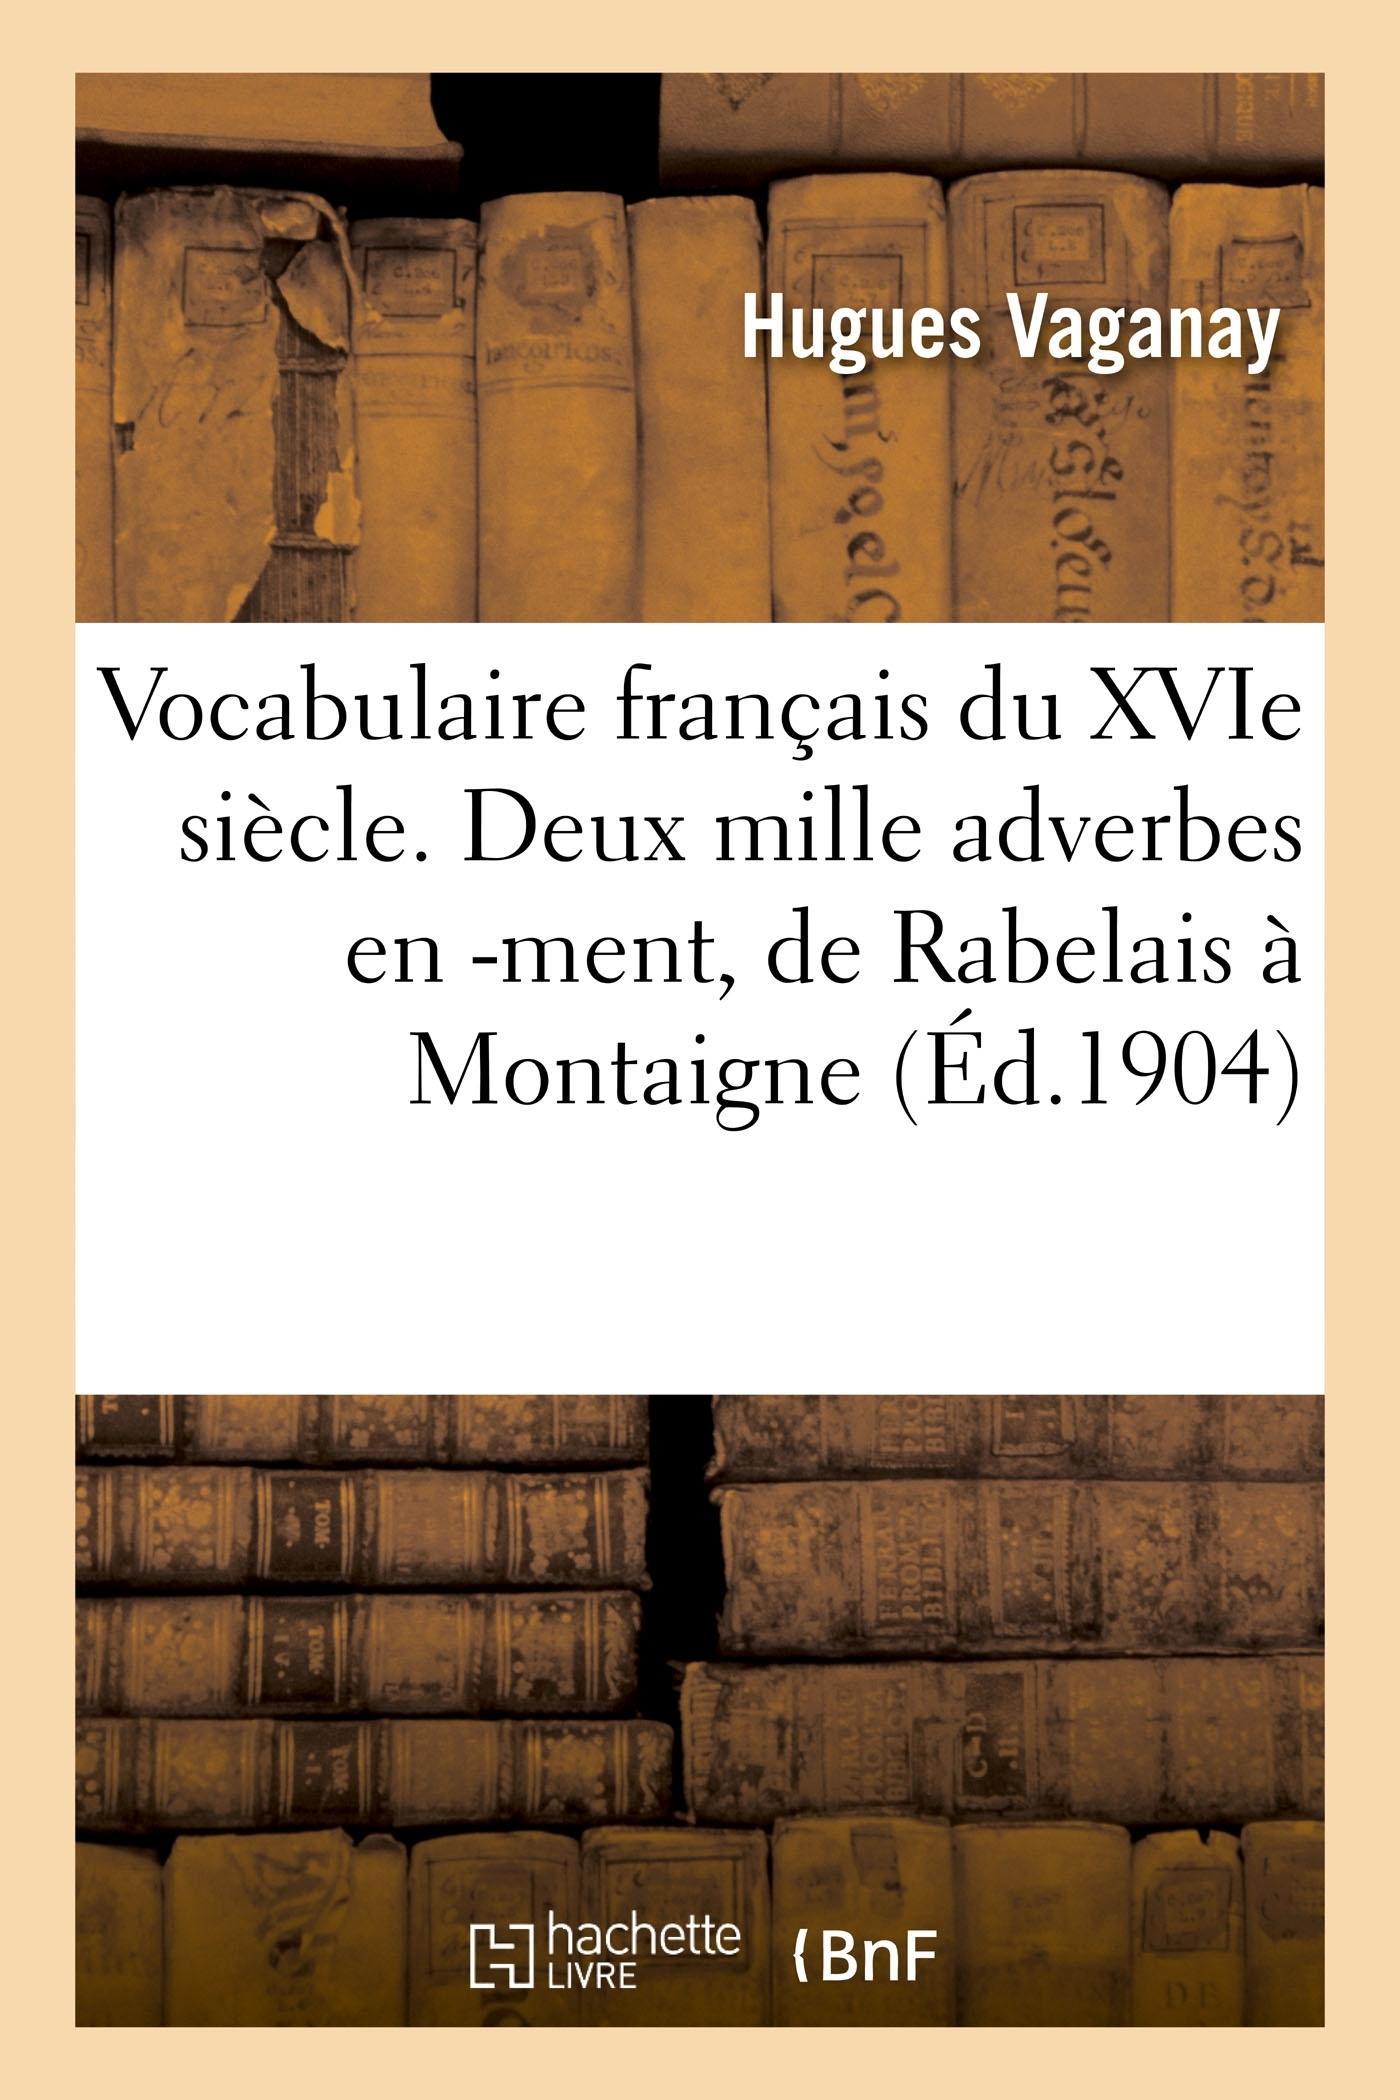 VOCABULAIRE FRANCAIS DU XVIE SIECLE. DEUX MILLE ADVERBES EN -MENT, DE RABELAIS A MONTAIGNE